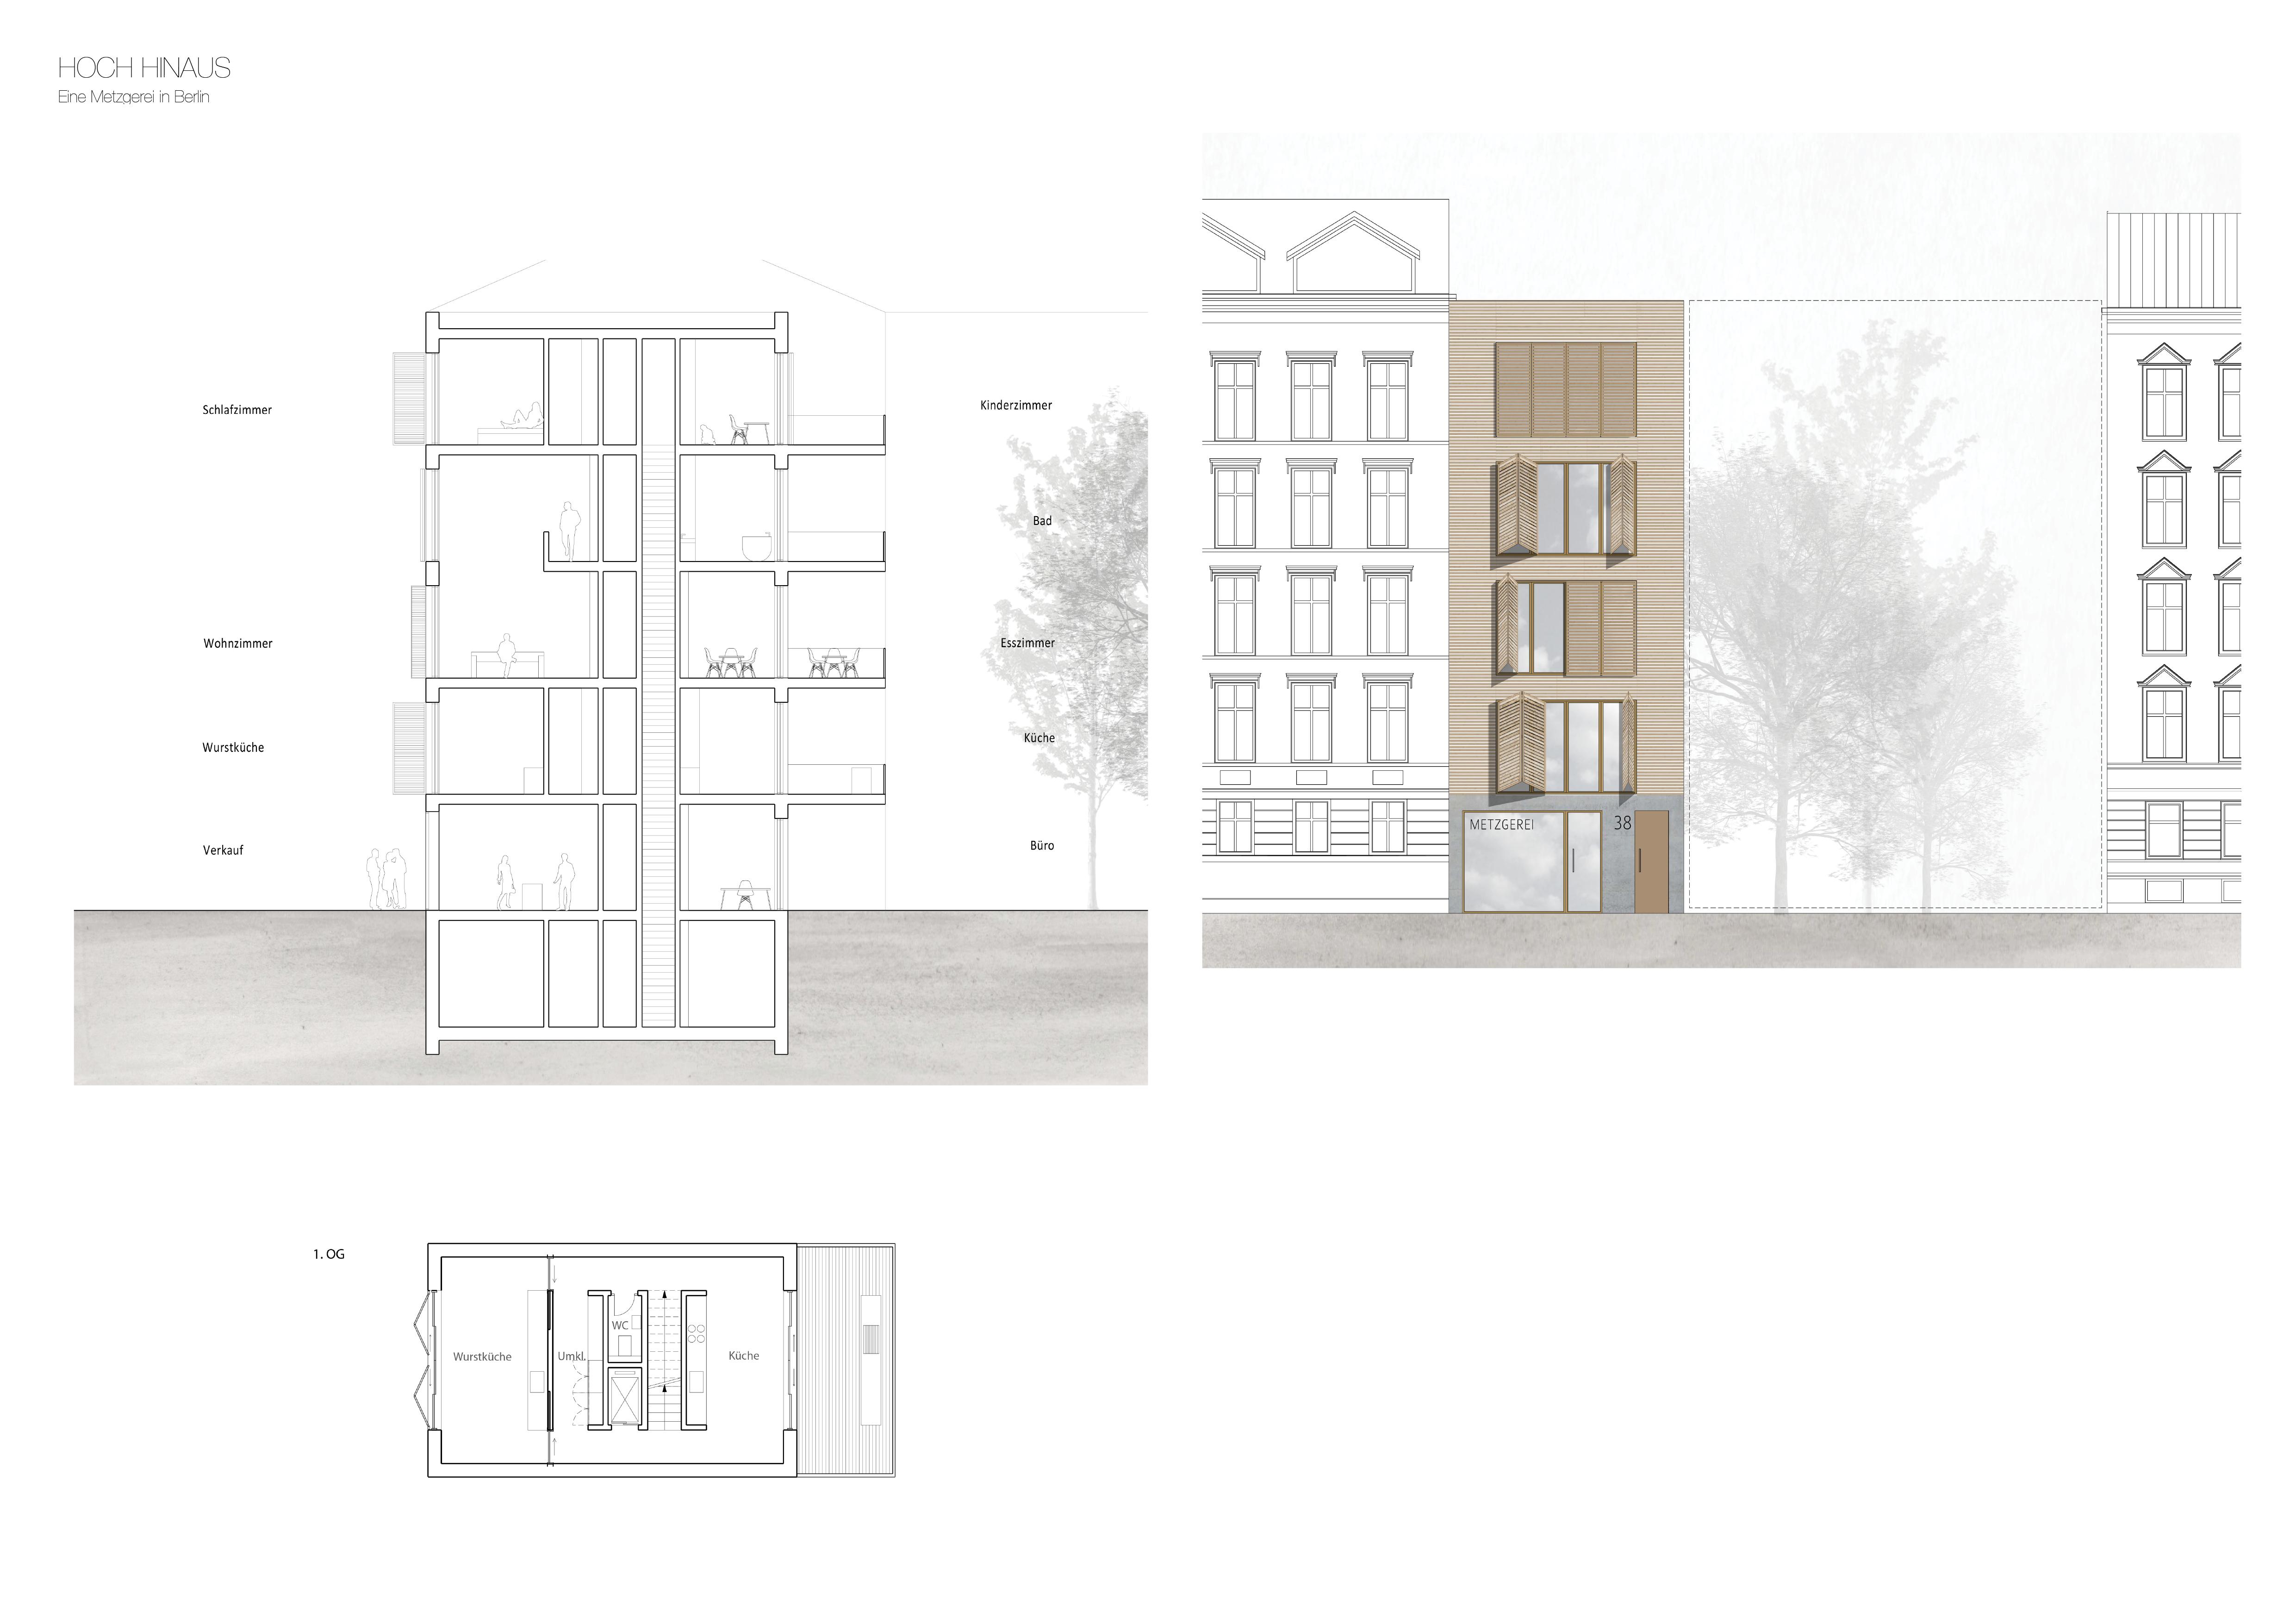 Farben Entwerfen Für Architektur Projekte 1: Fachgebiet Entwerfen Und